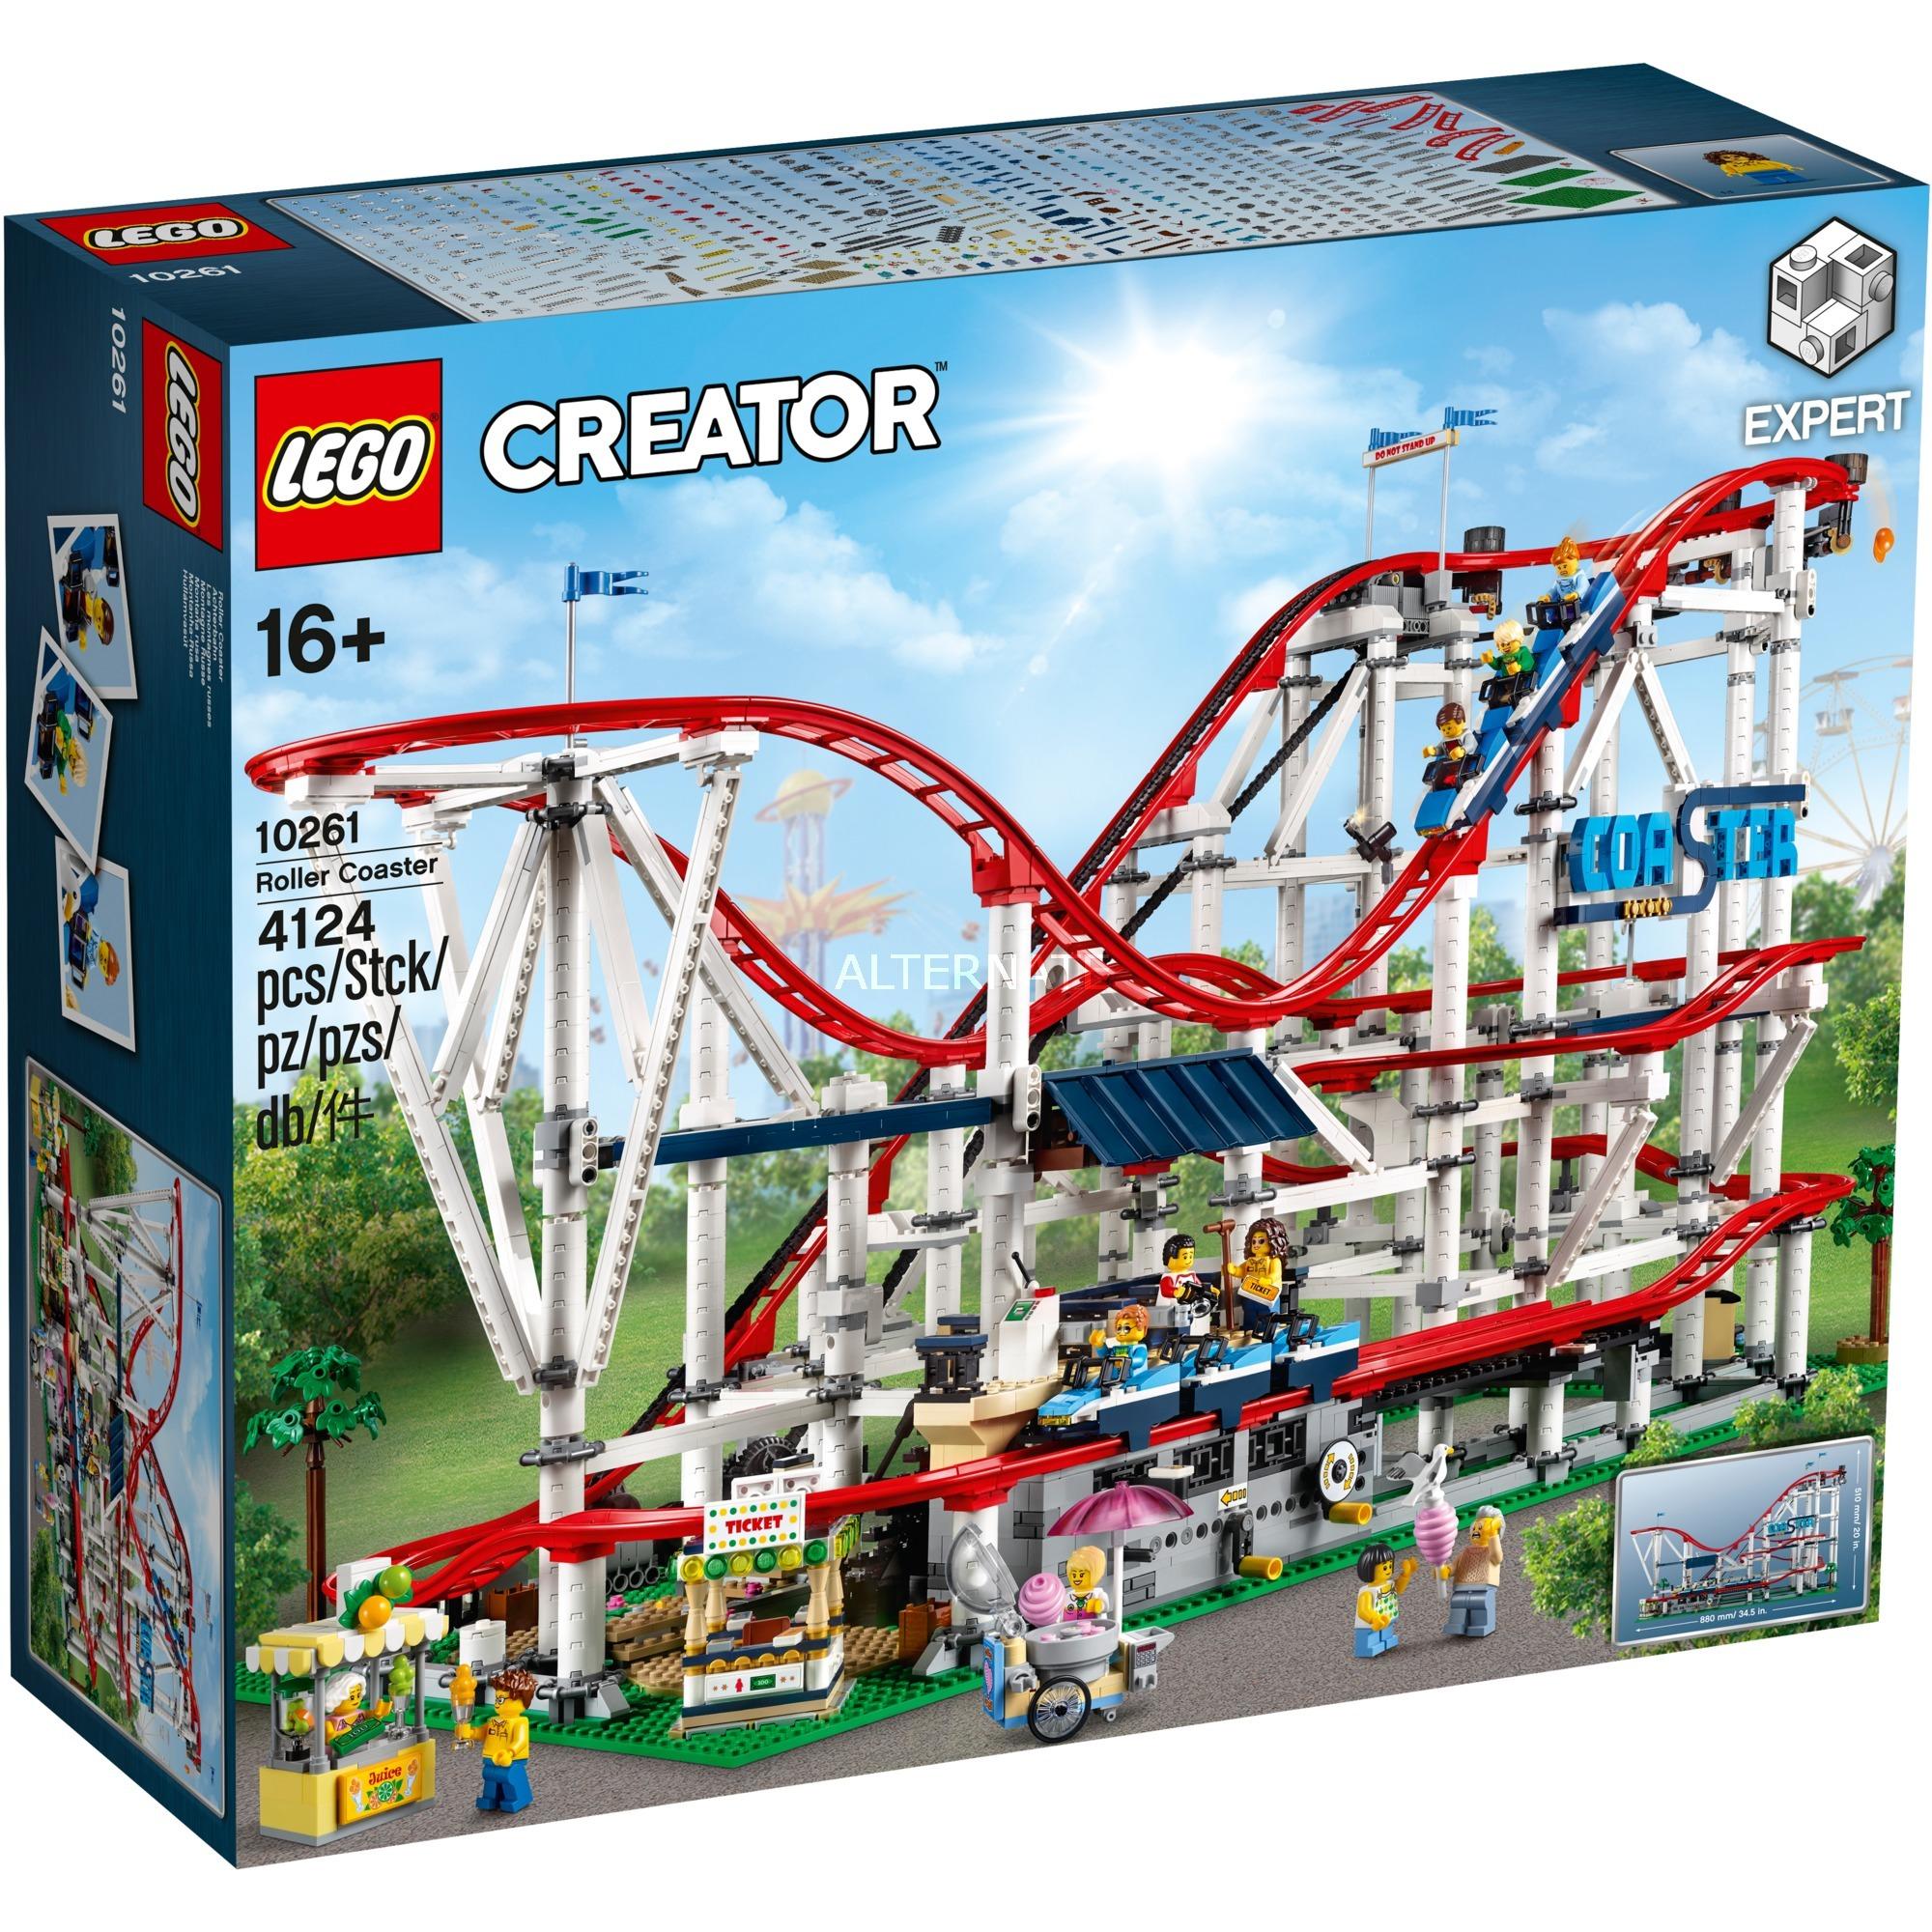 10261, Juegos de construcción